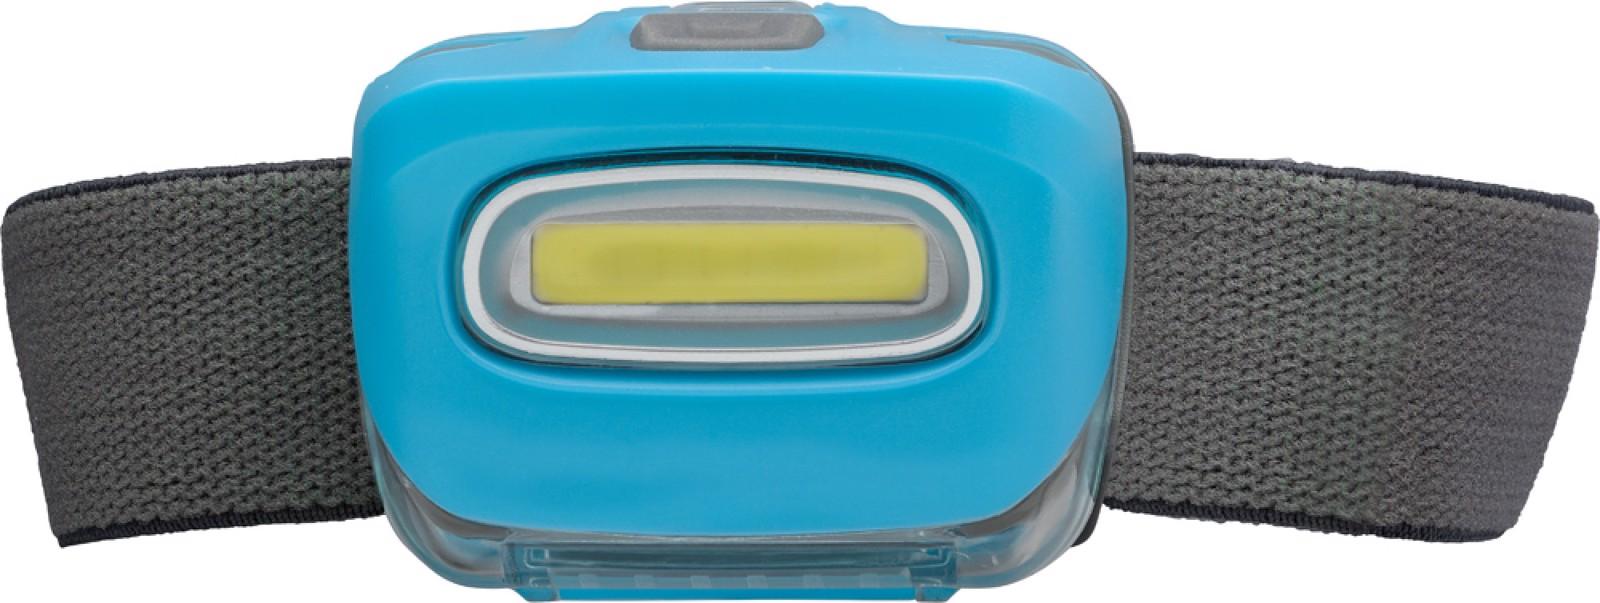 ABS head light - Light Blue